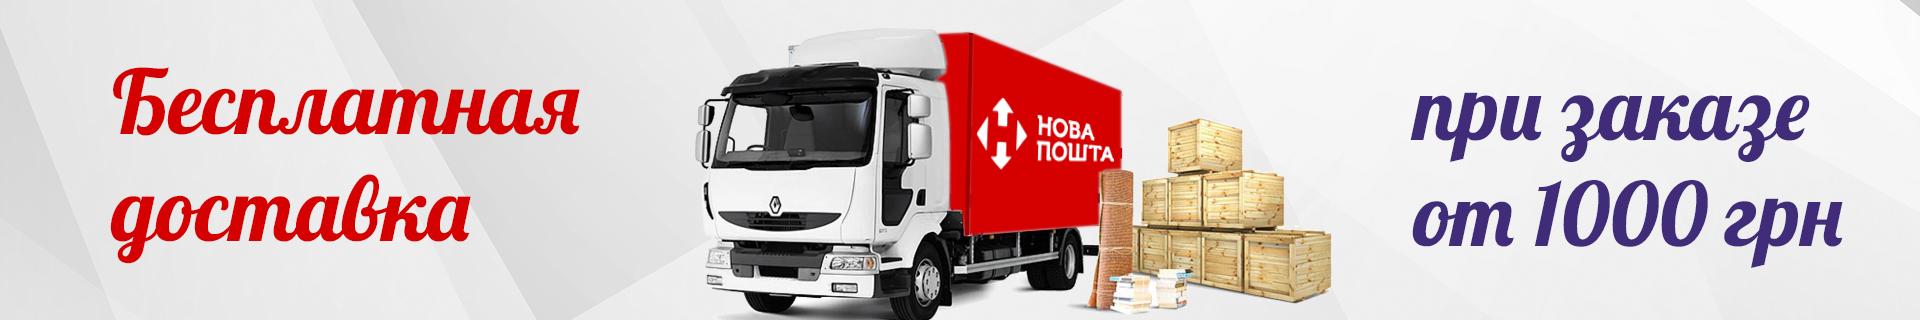 Бесплатная доставка от 1000 грн